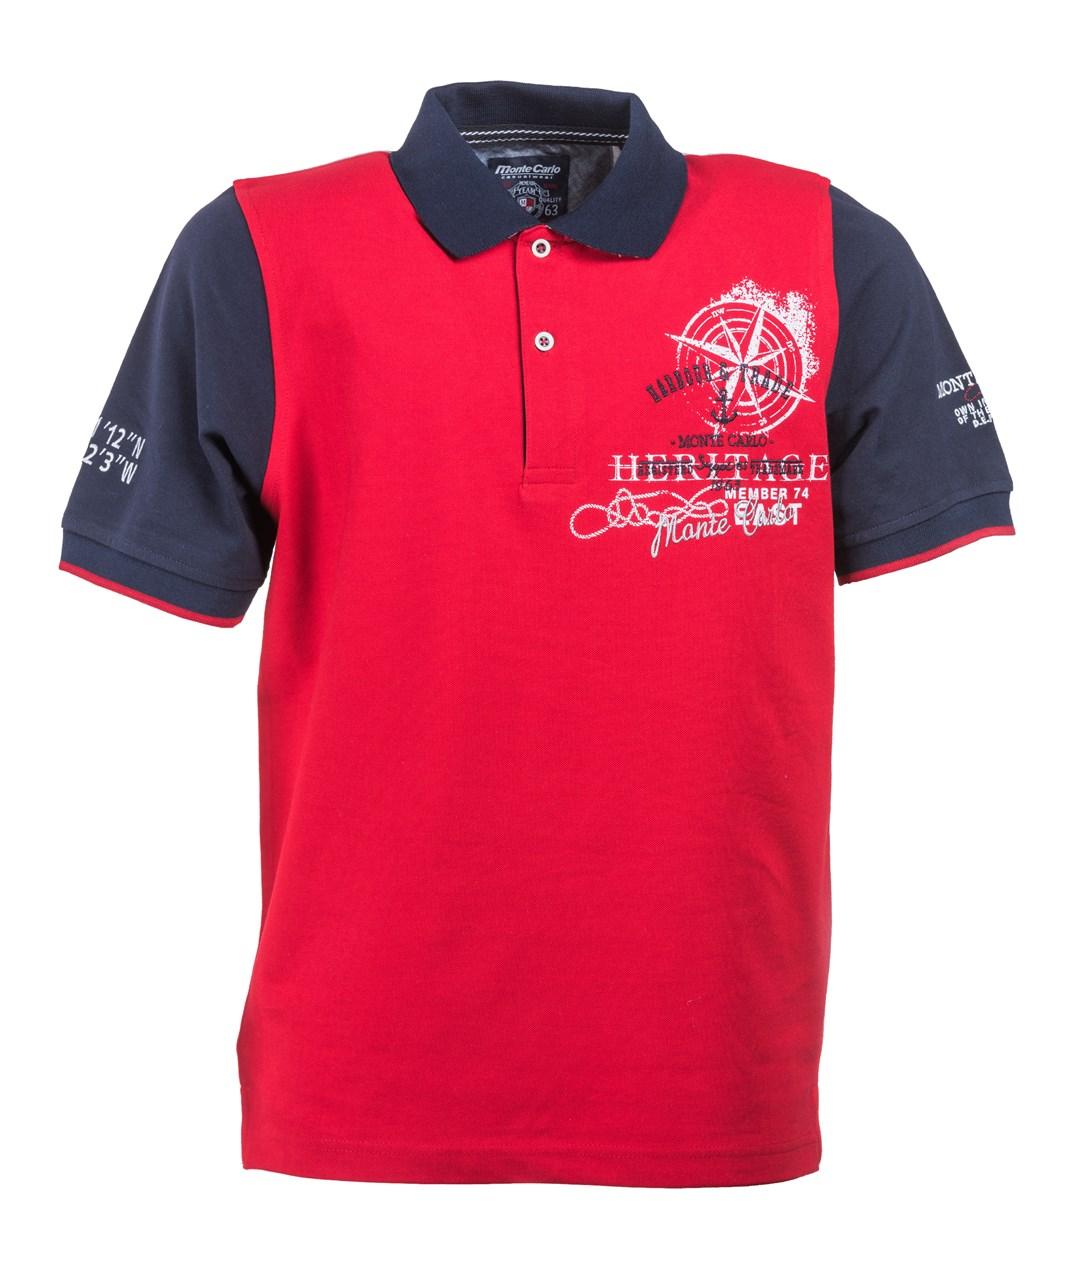 b03b93f8cc5 Obrázek E Polo triko   polokošile červená - růžice Mode Monte Carlo ...